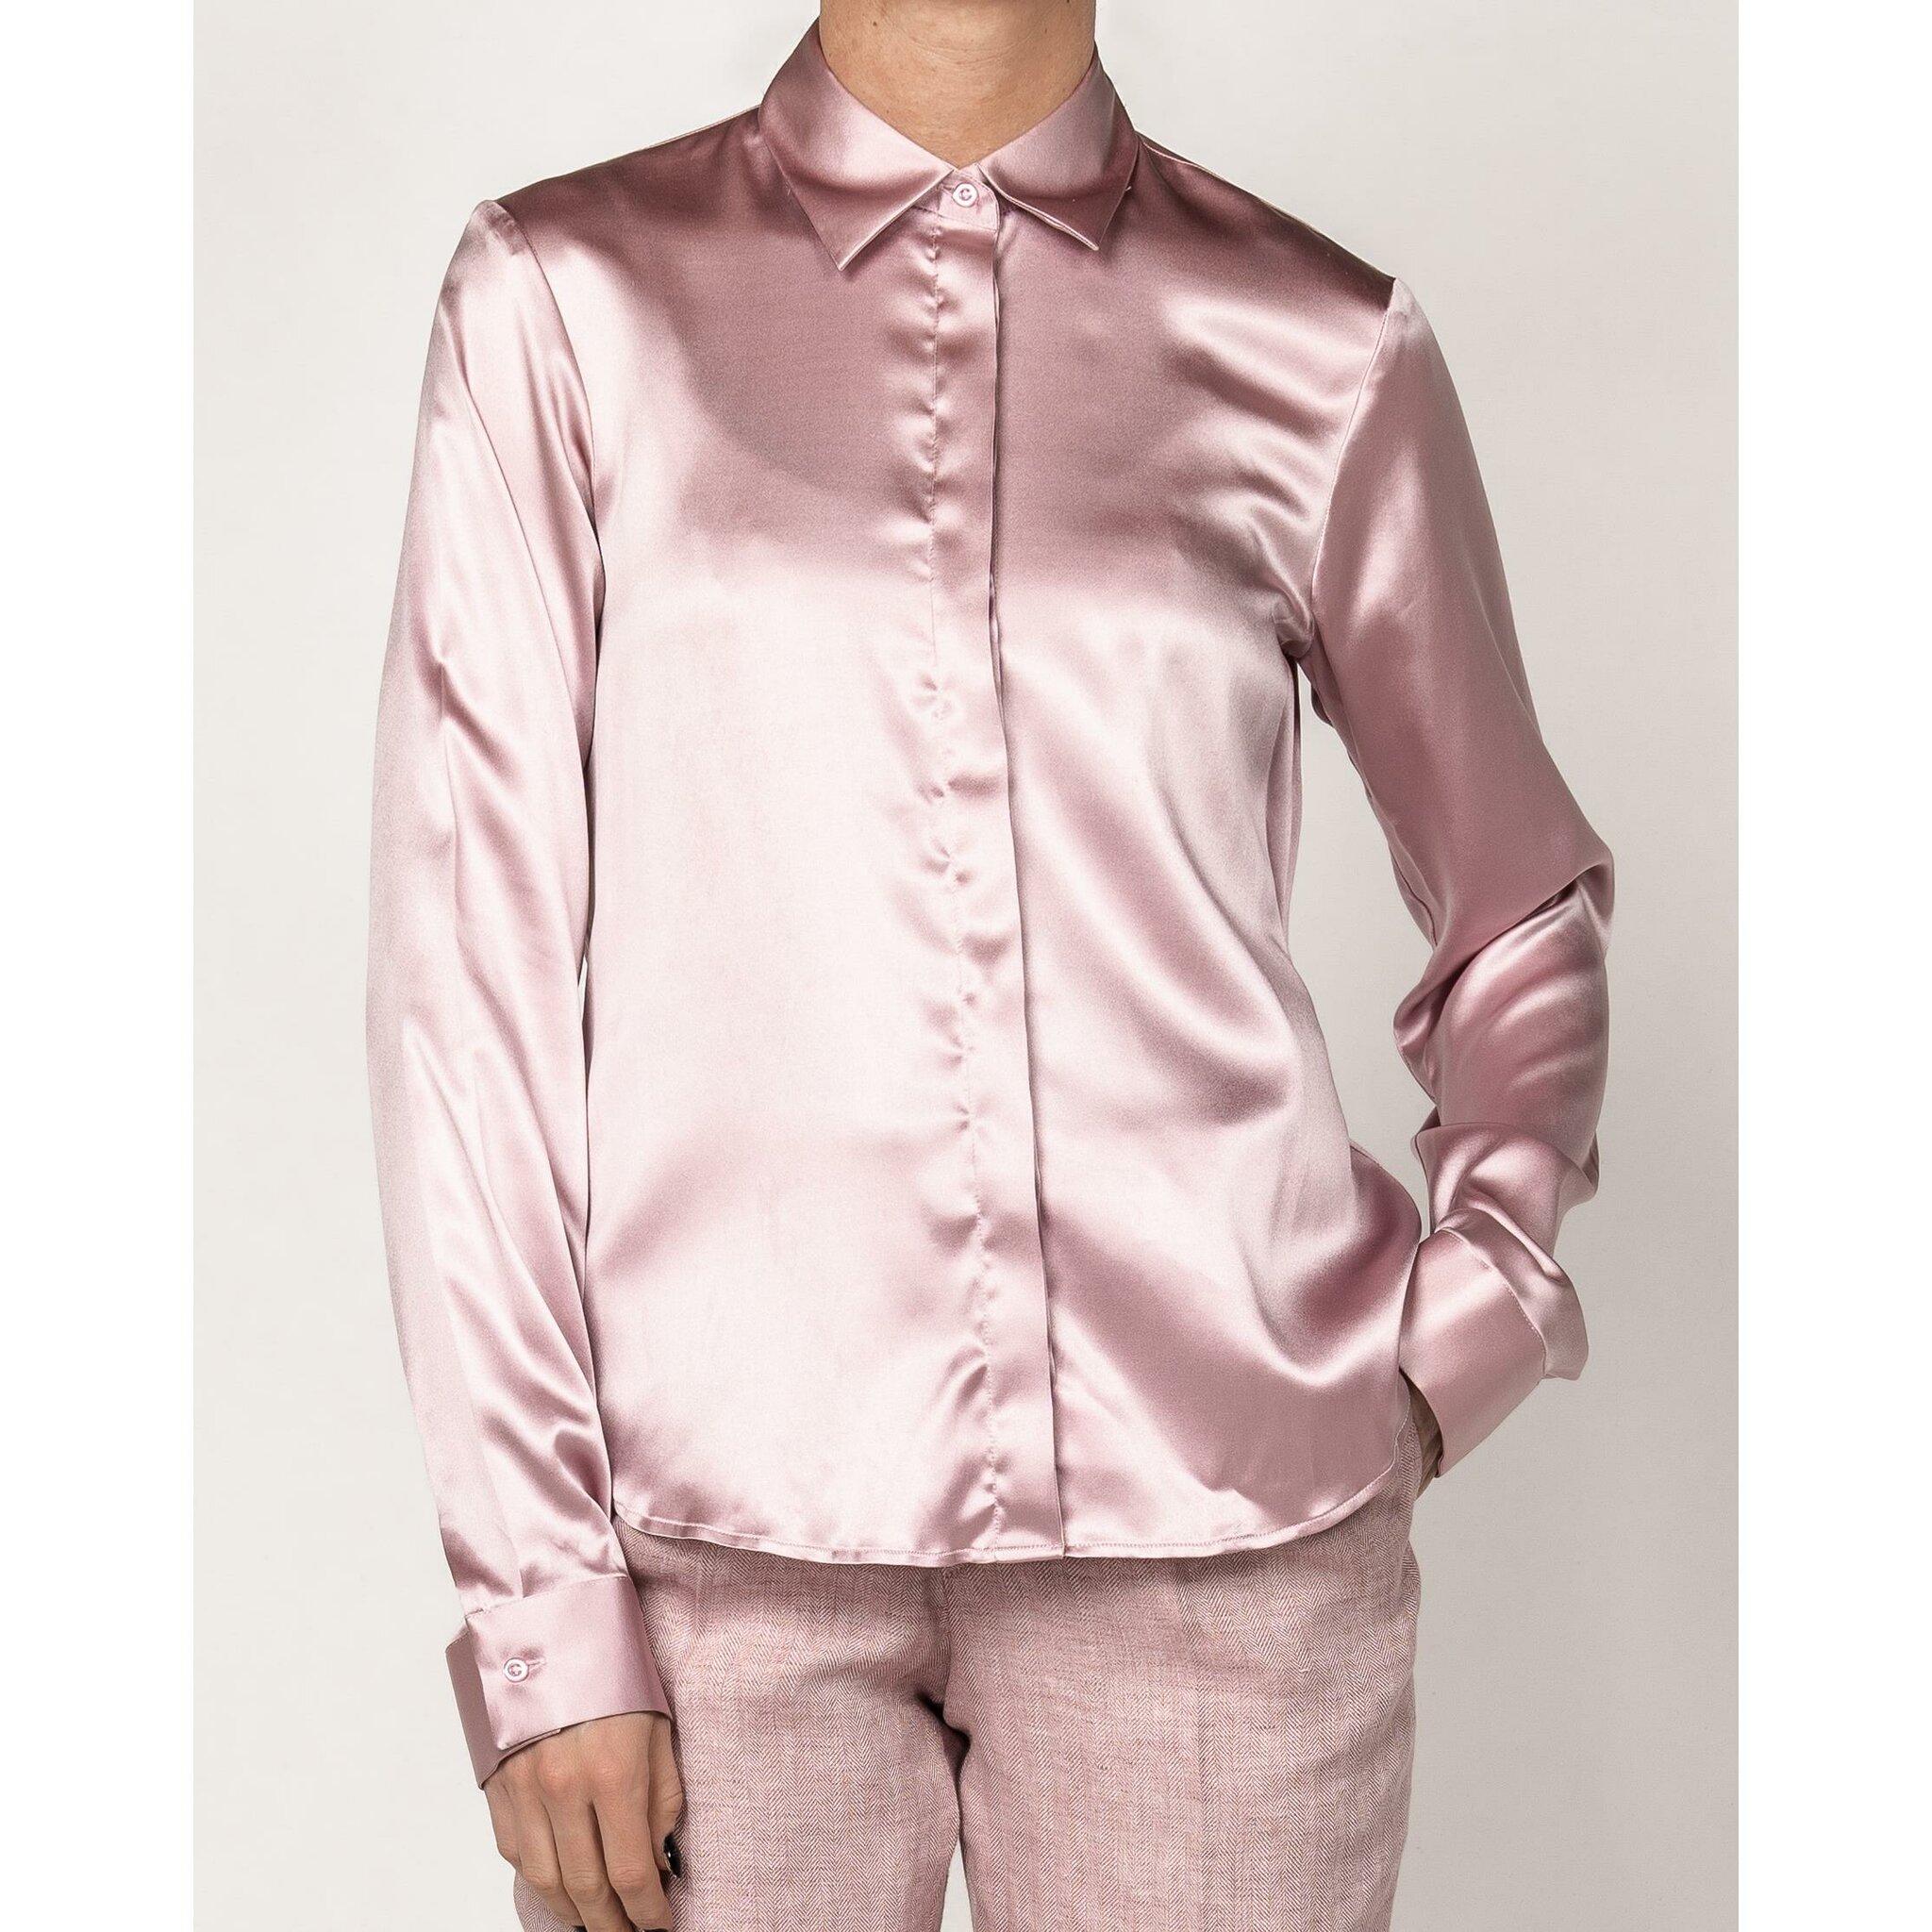 Lds Blouse Luna Pink Silk